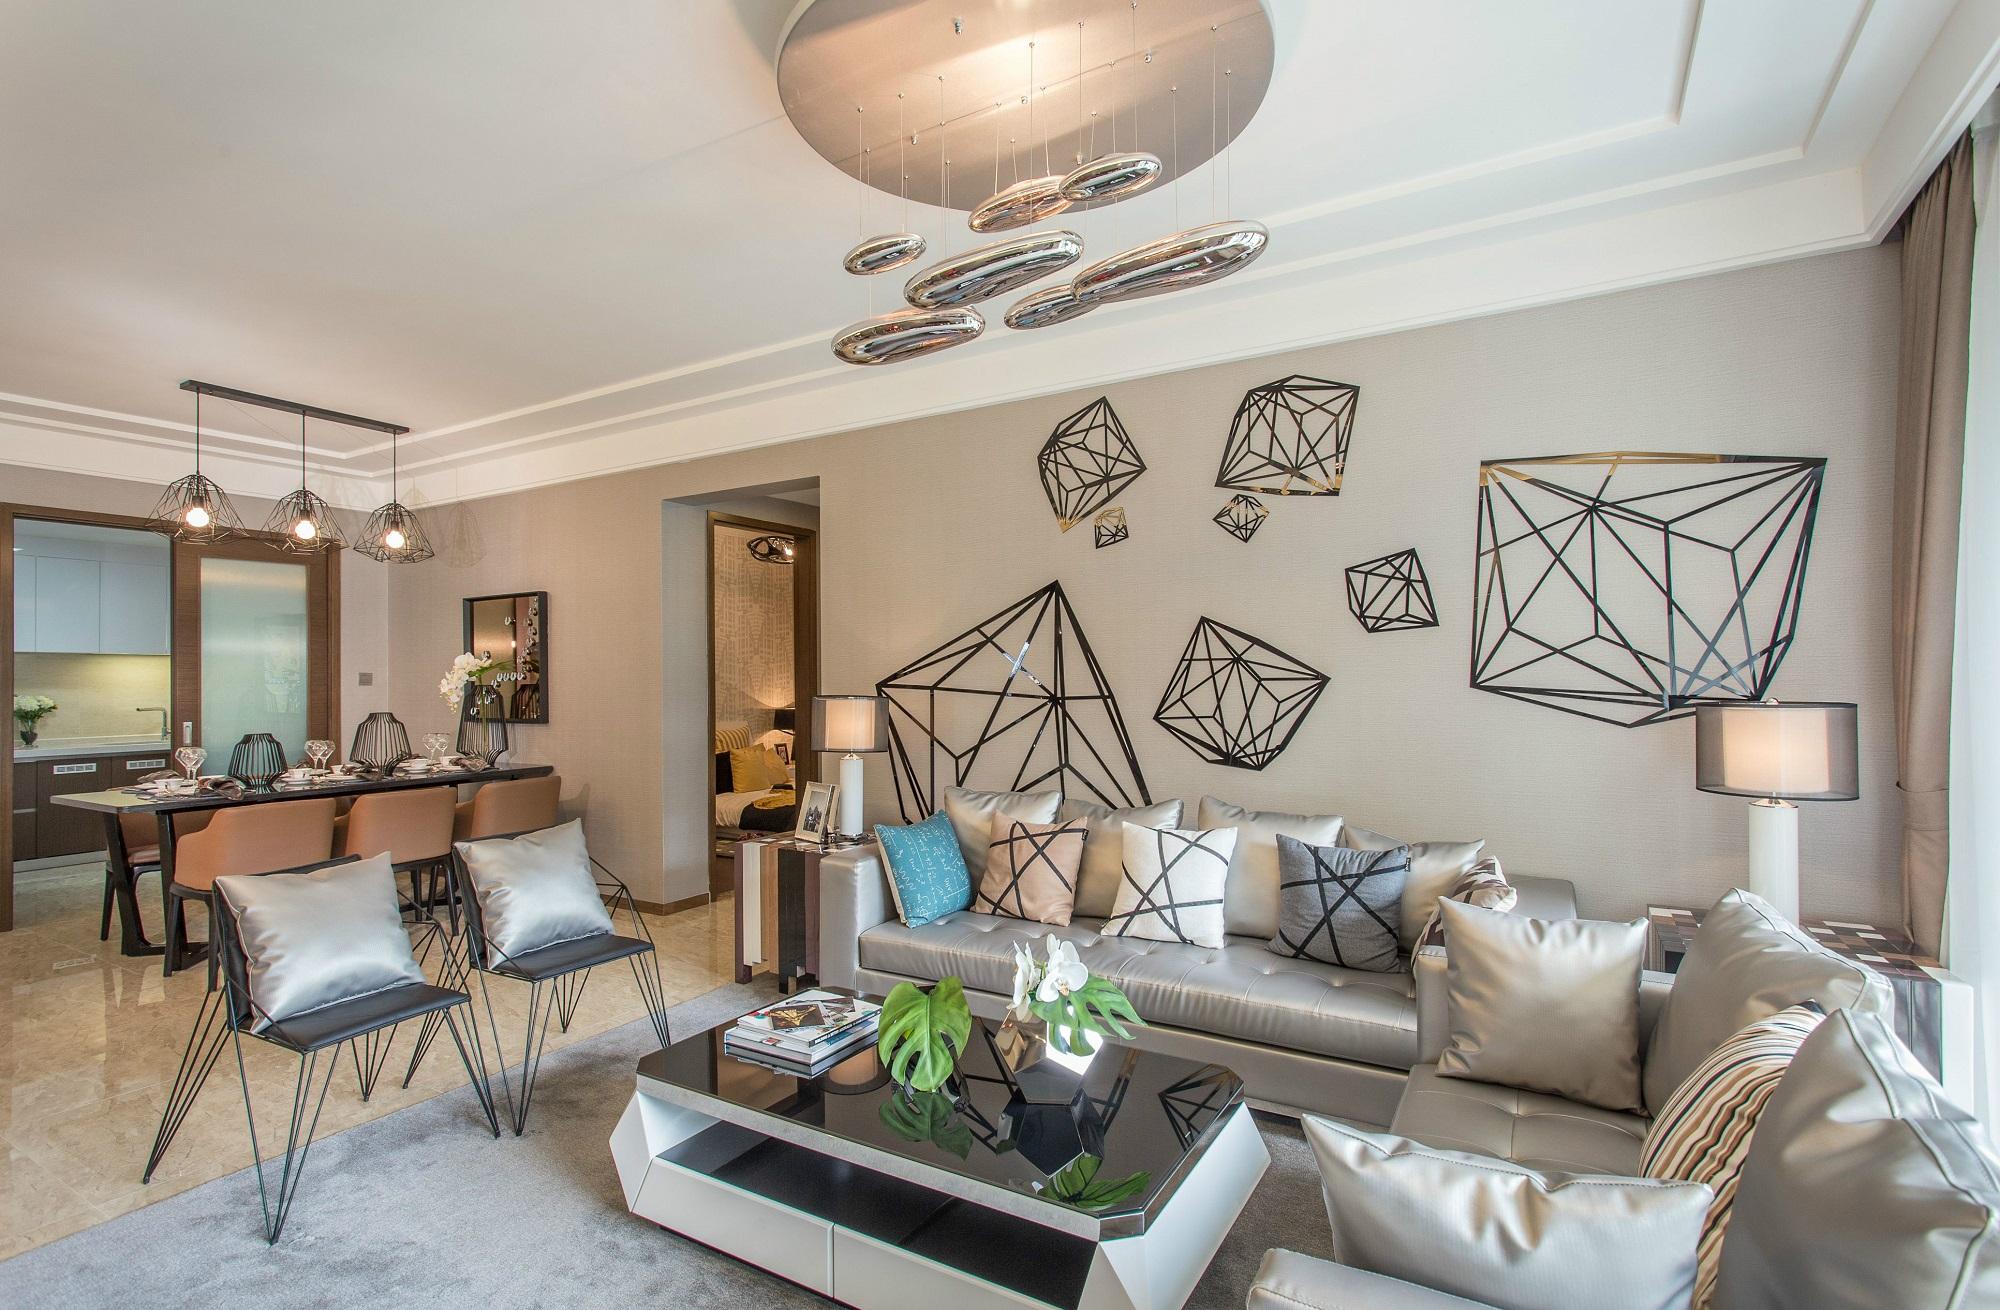 整体打造为浅色空间设计,充满了暖心舒适的氛围感,客餐厅一体设计保证了室内互动。